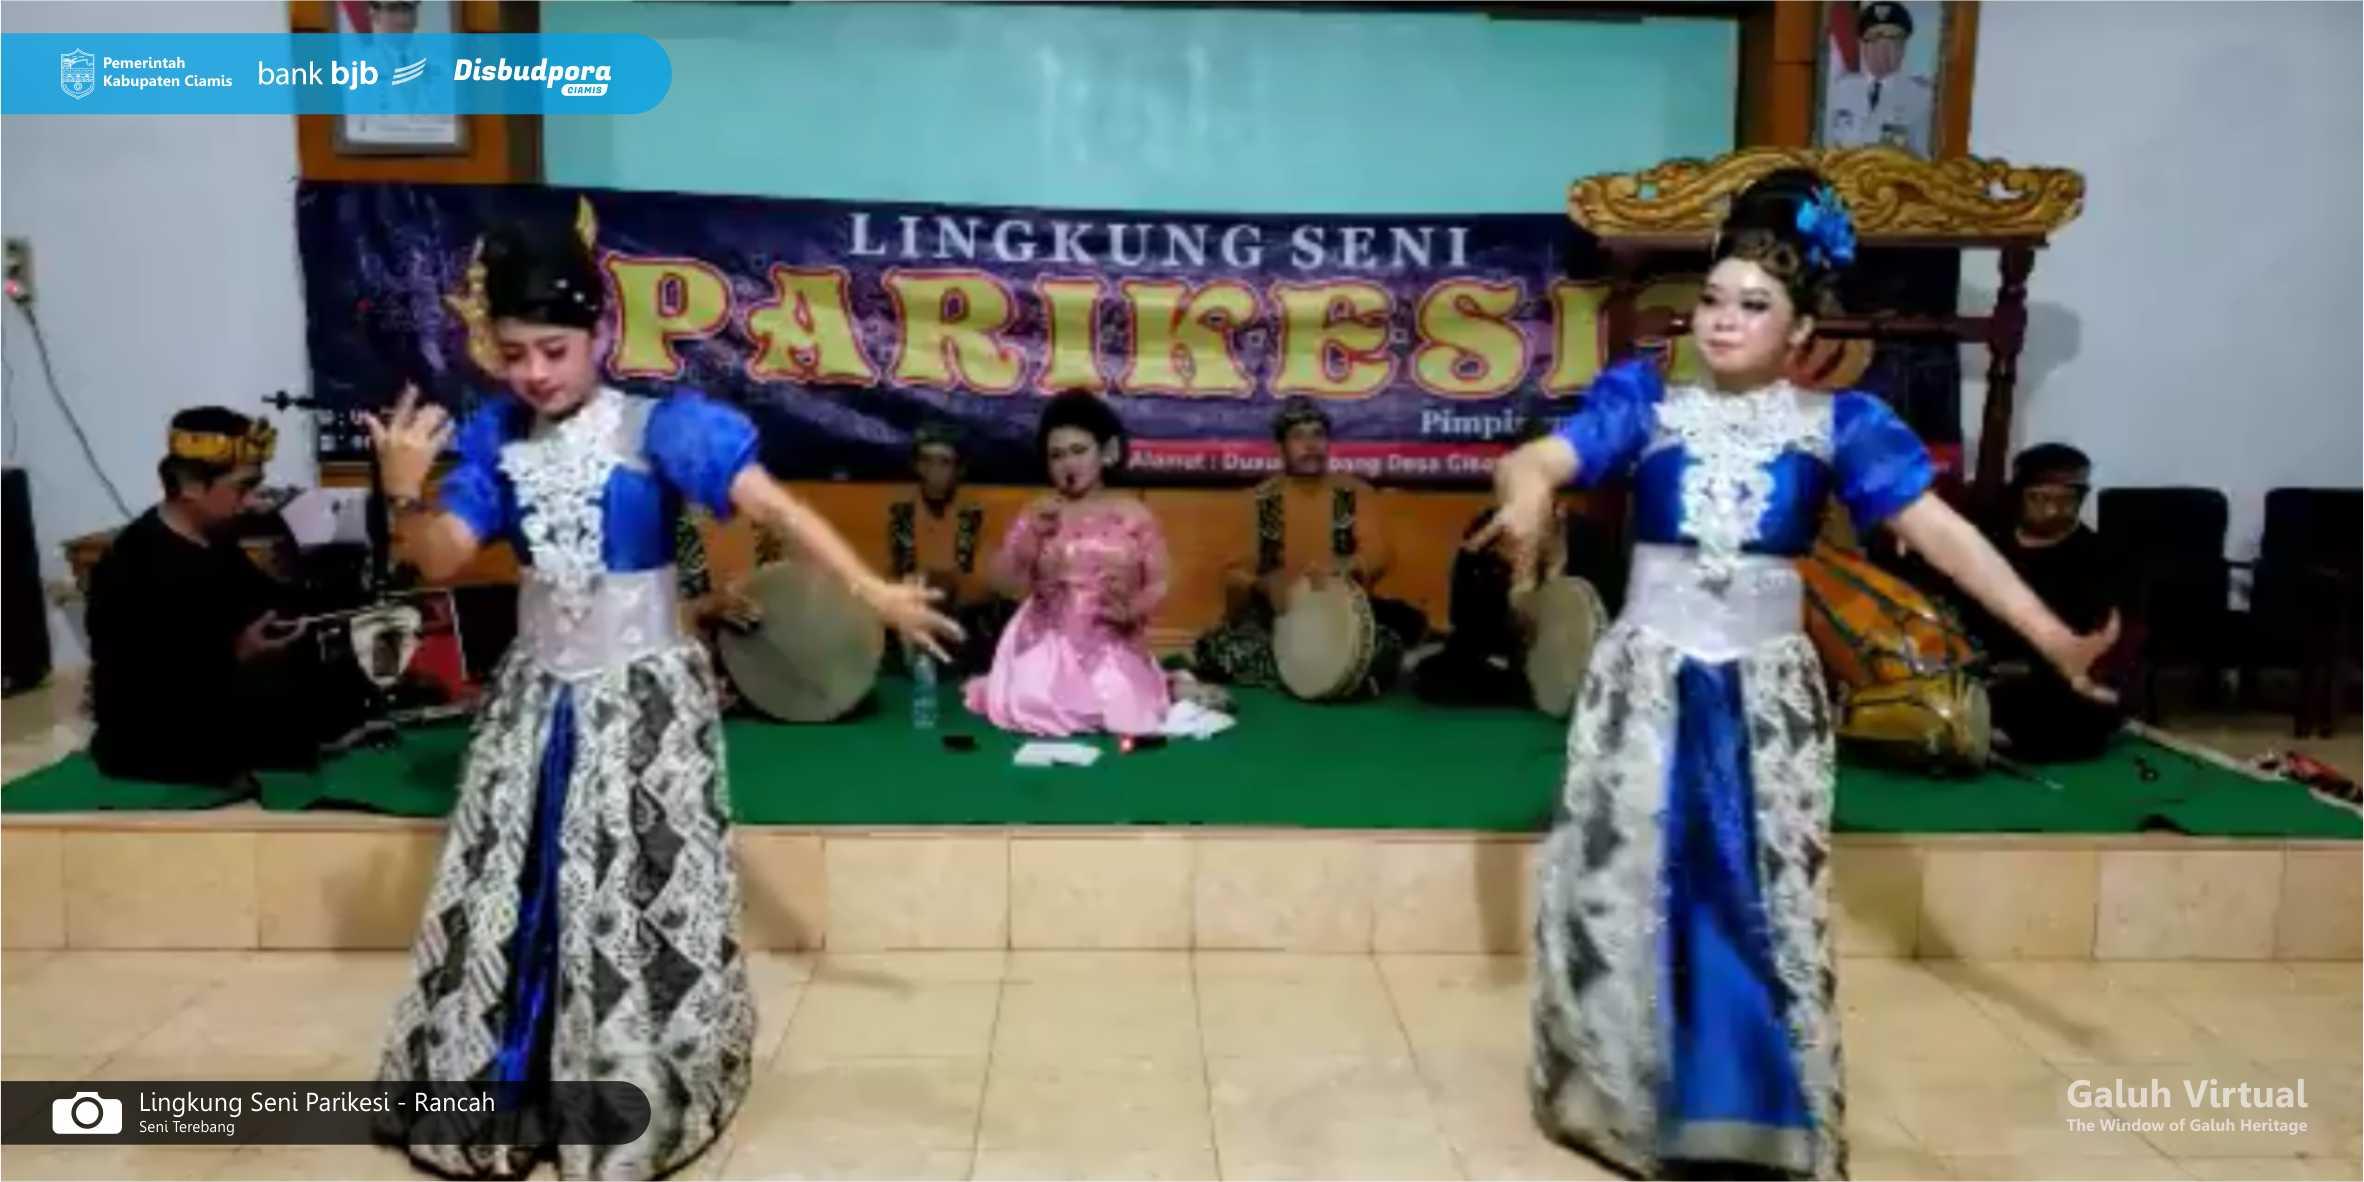 Lingkung Seni Parikesit - Rancah